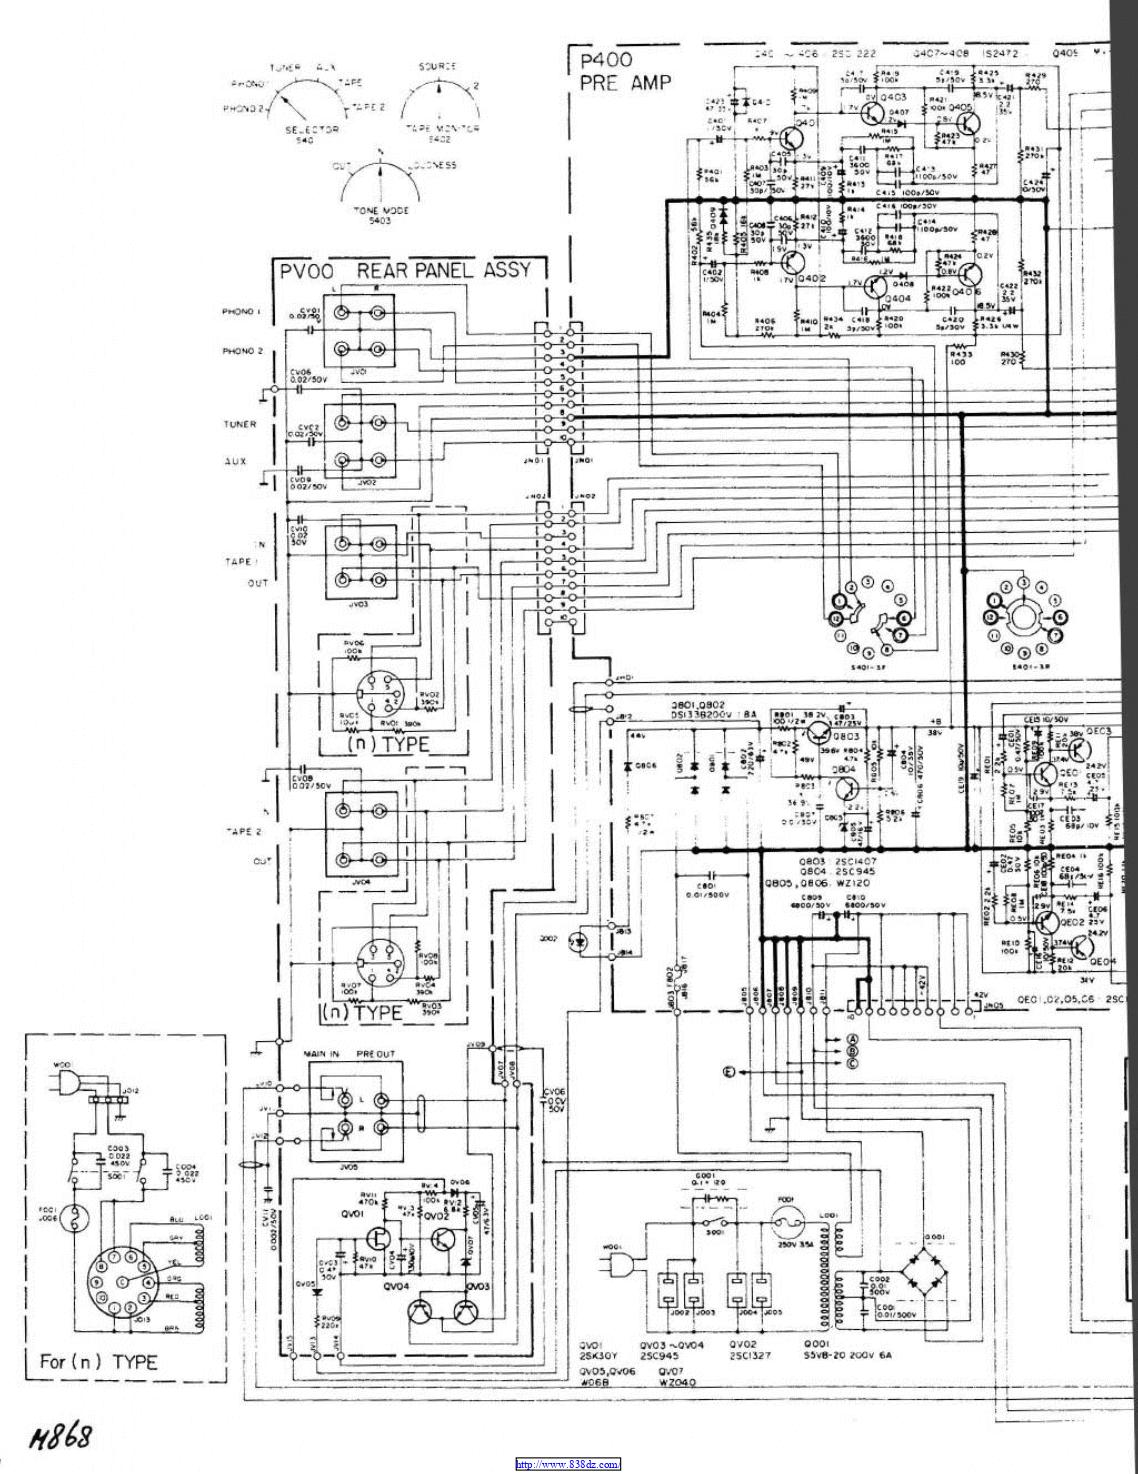 马兰士marantz 1090 纯功放维修电路图